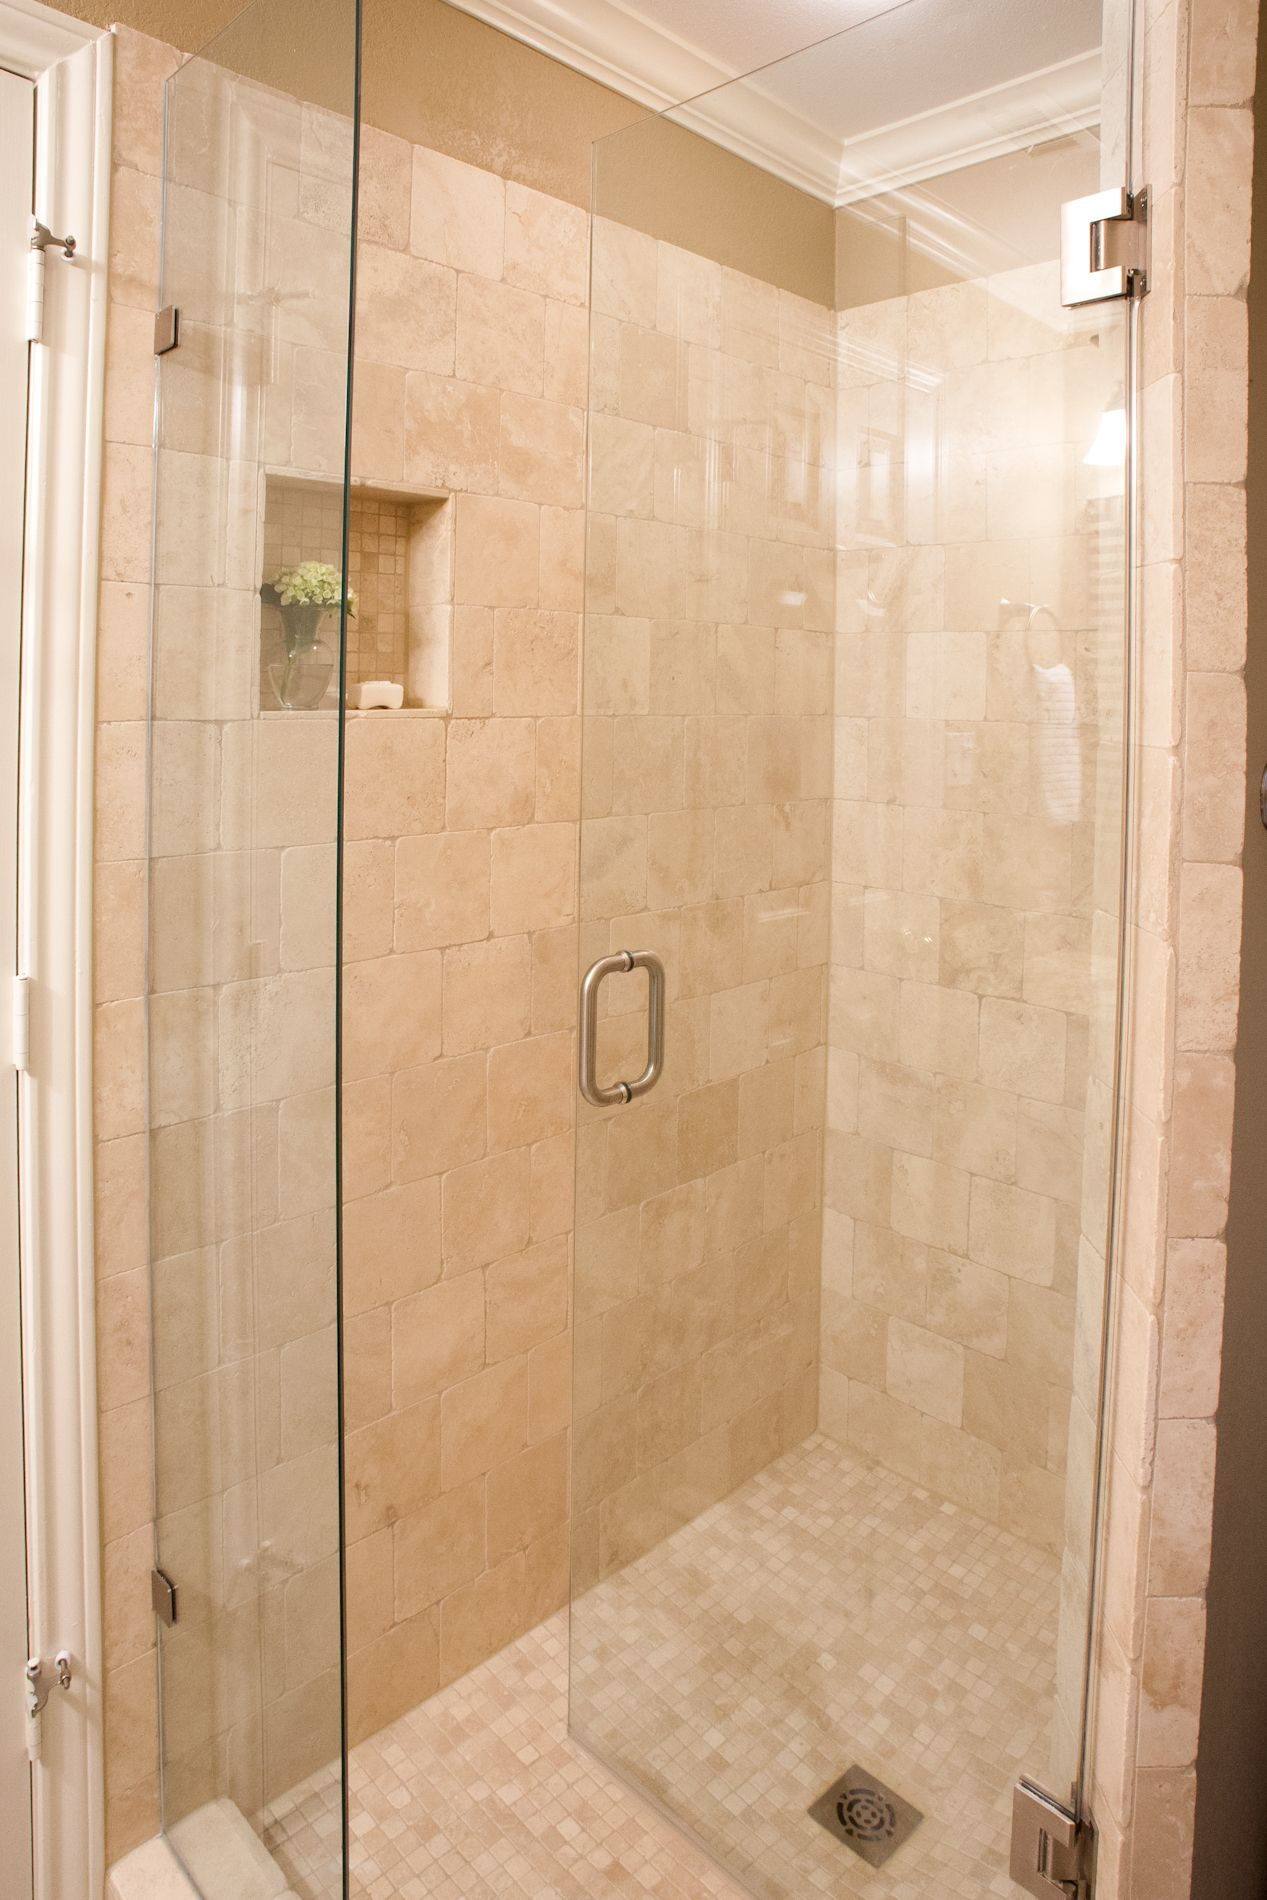 Frameless Clear Glass Shower Door Tumbled Travertine Tile In